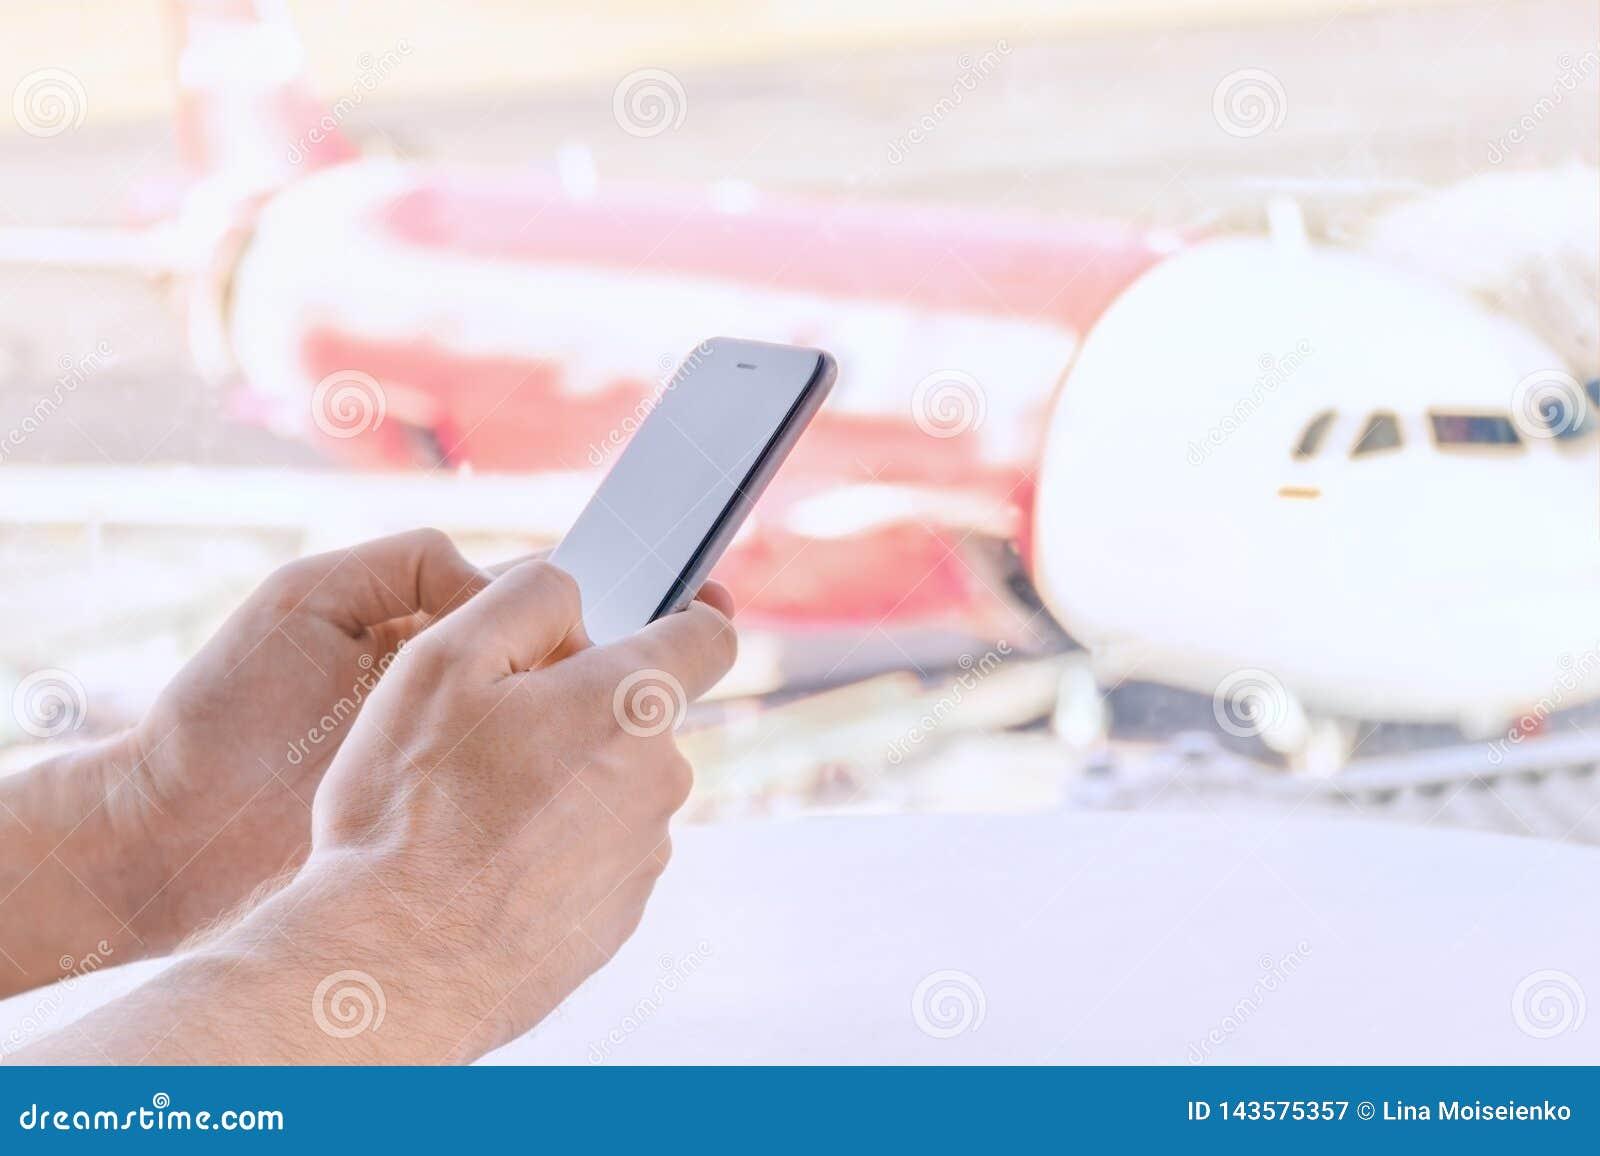 Close-up, mannelijke handen die een mobiele telefoon, luchthaven onscherpe achtergrond houdt